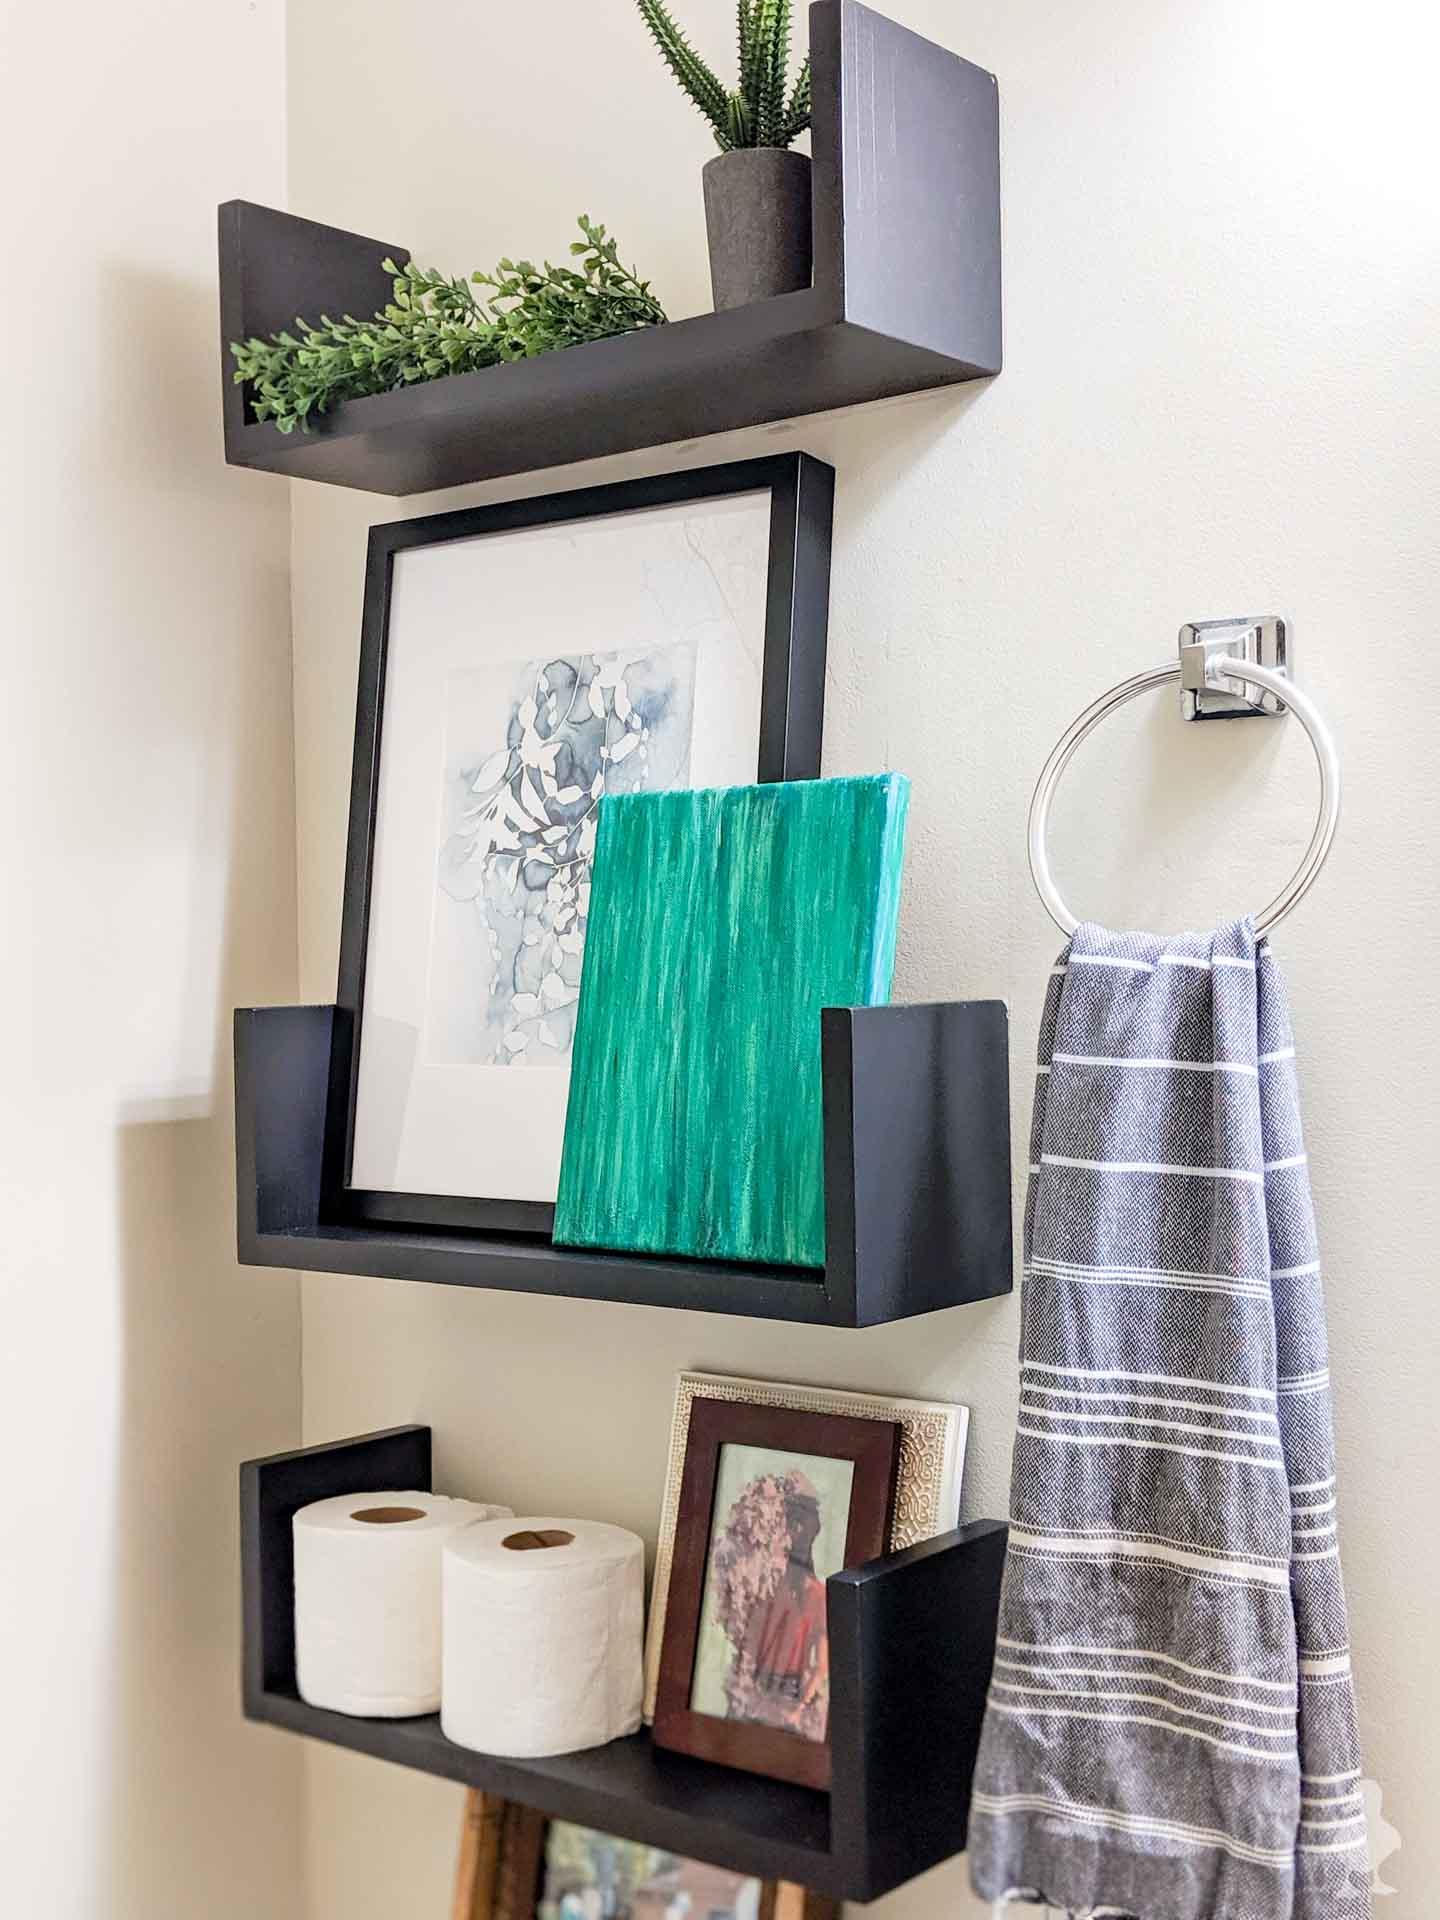 closeup of diy u shelves - bathroom wall shelves